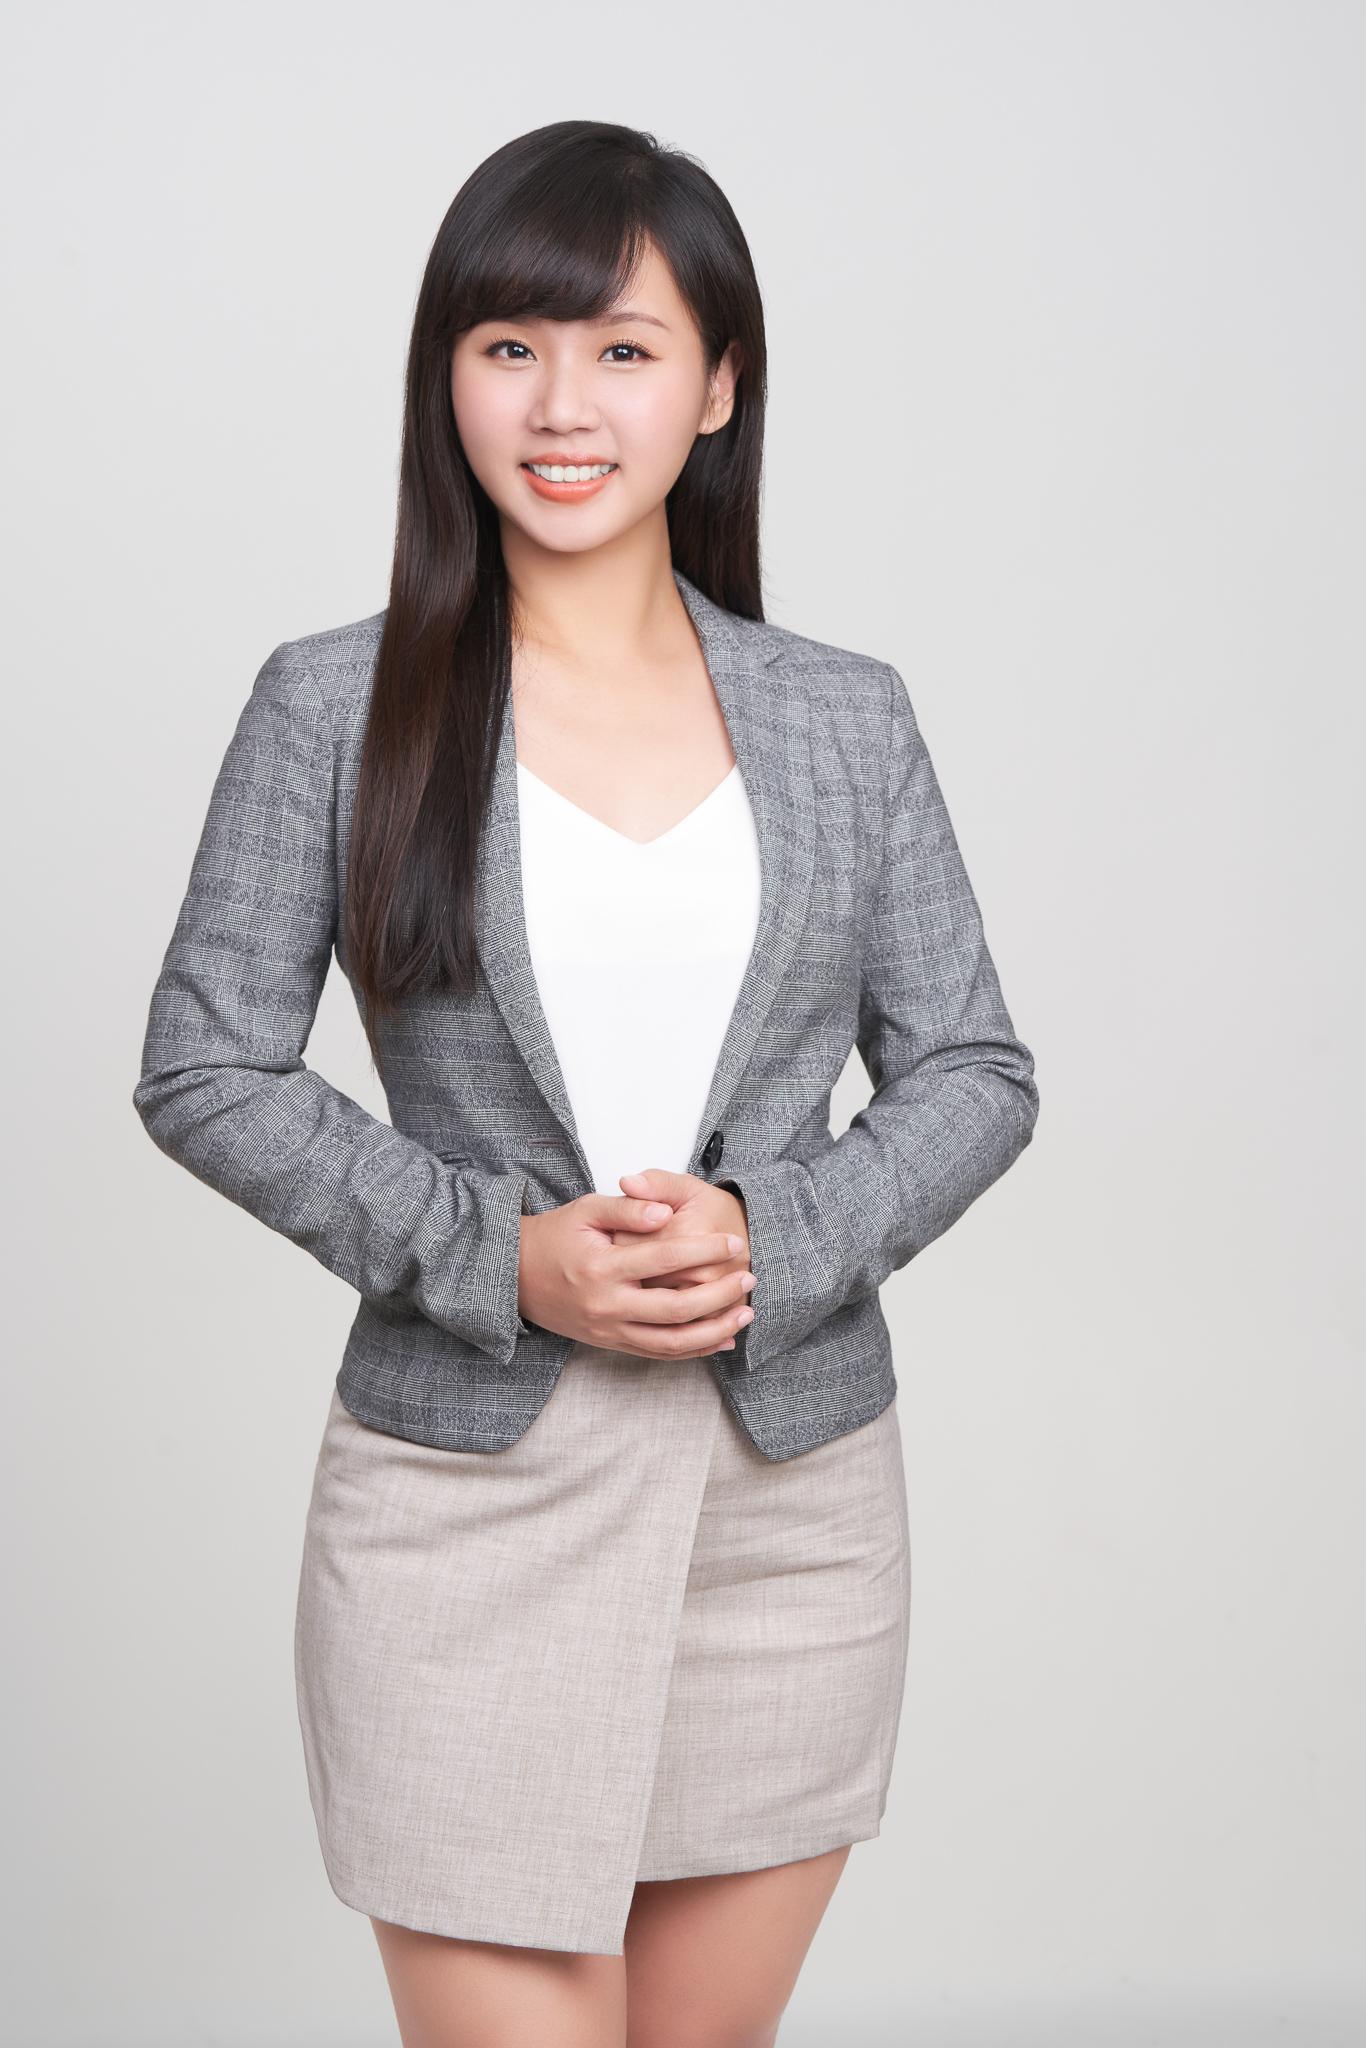 Cynthia Kao 高欣怡